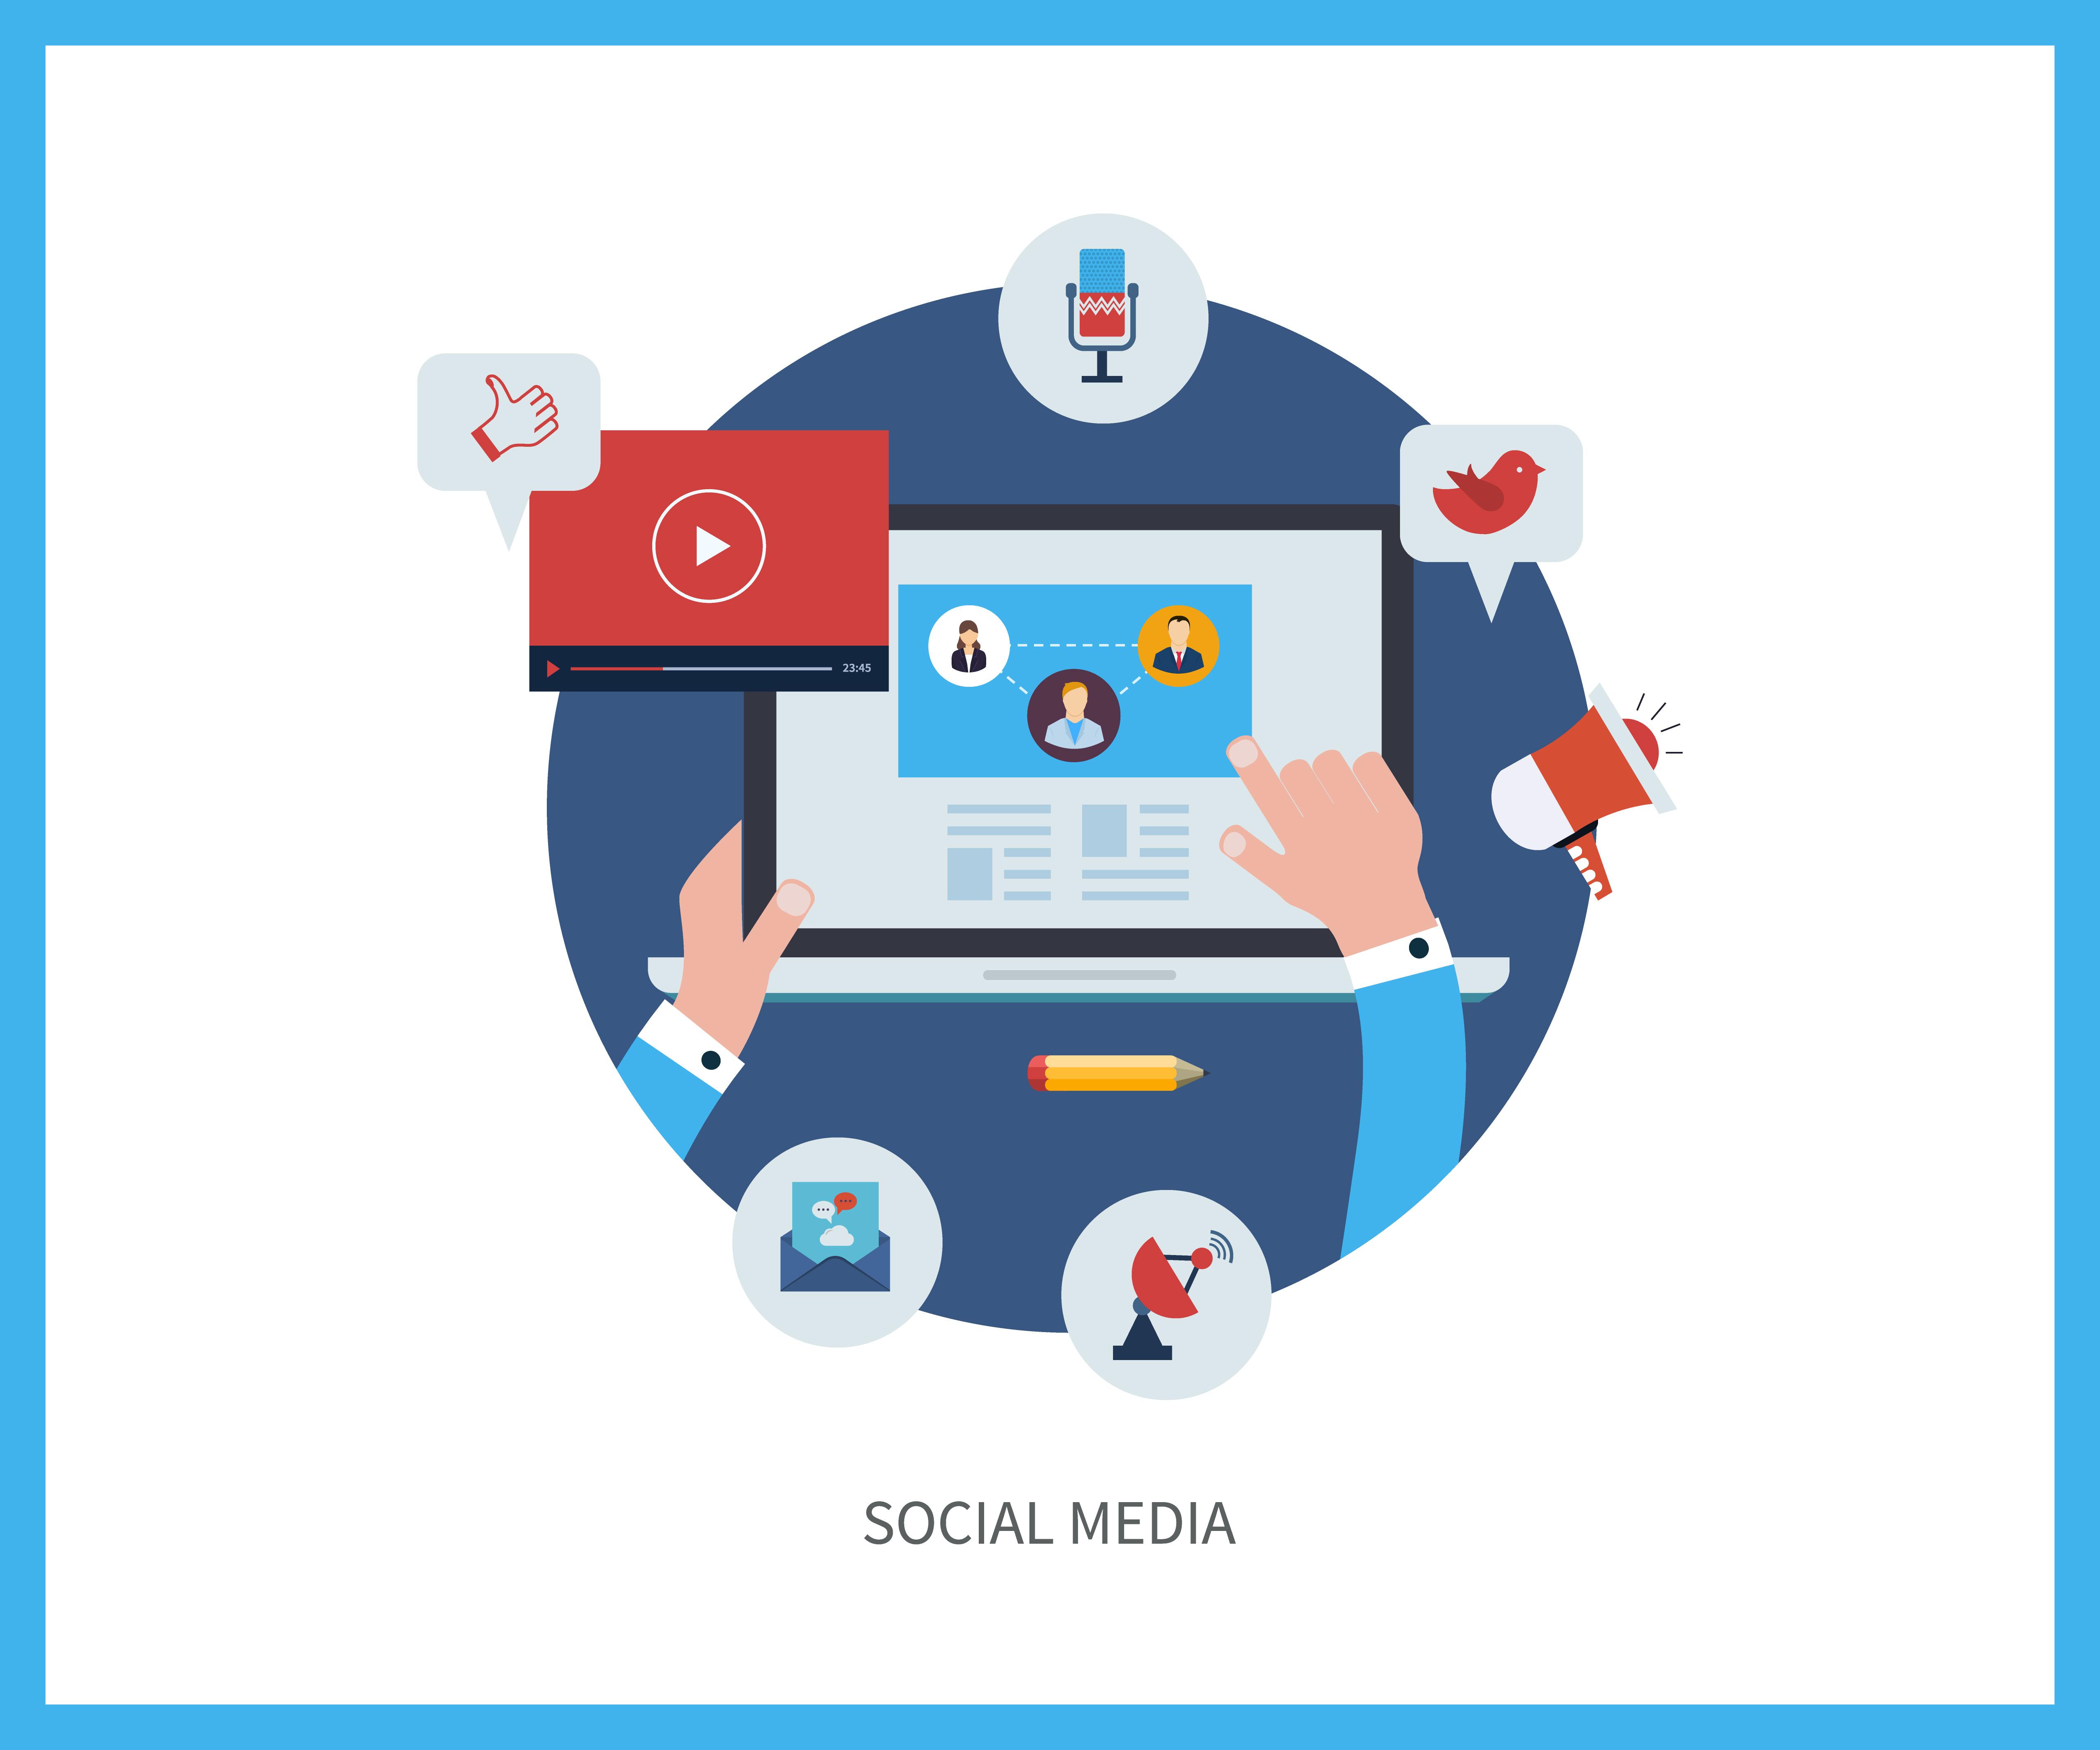 social media and SEO ranking